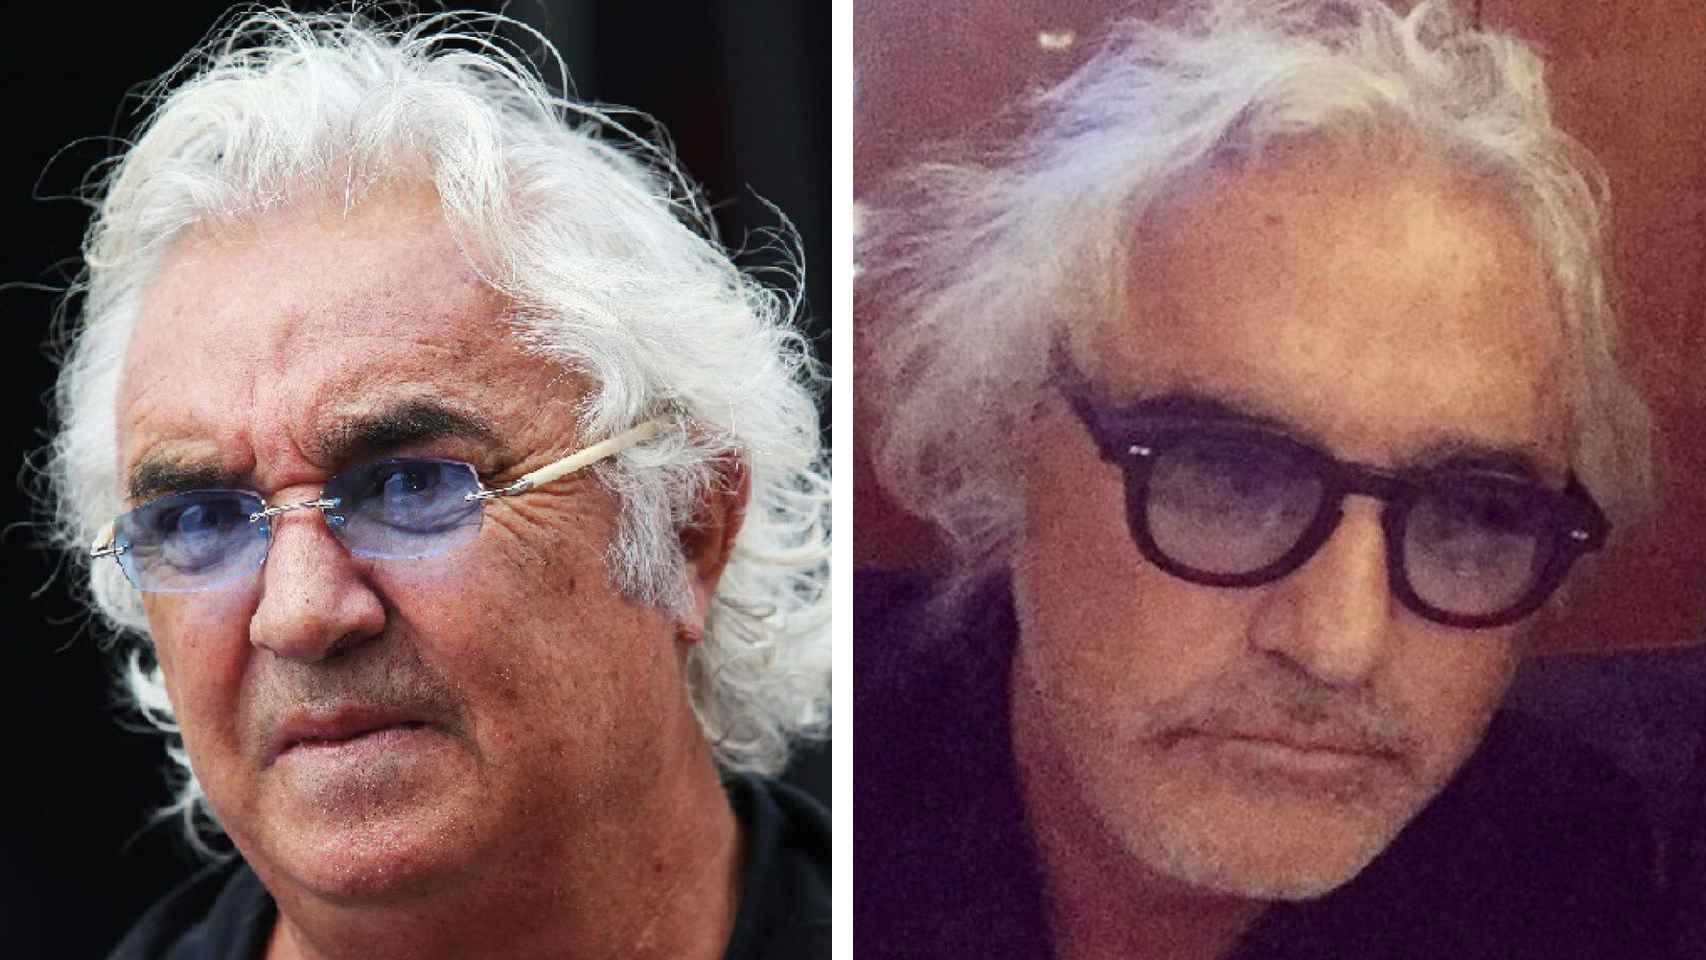 Flavio Briatore antes de operarse y después.